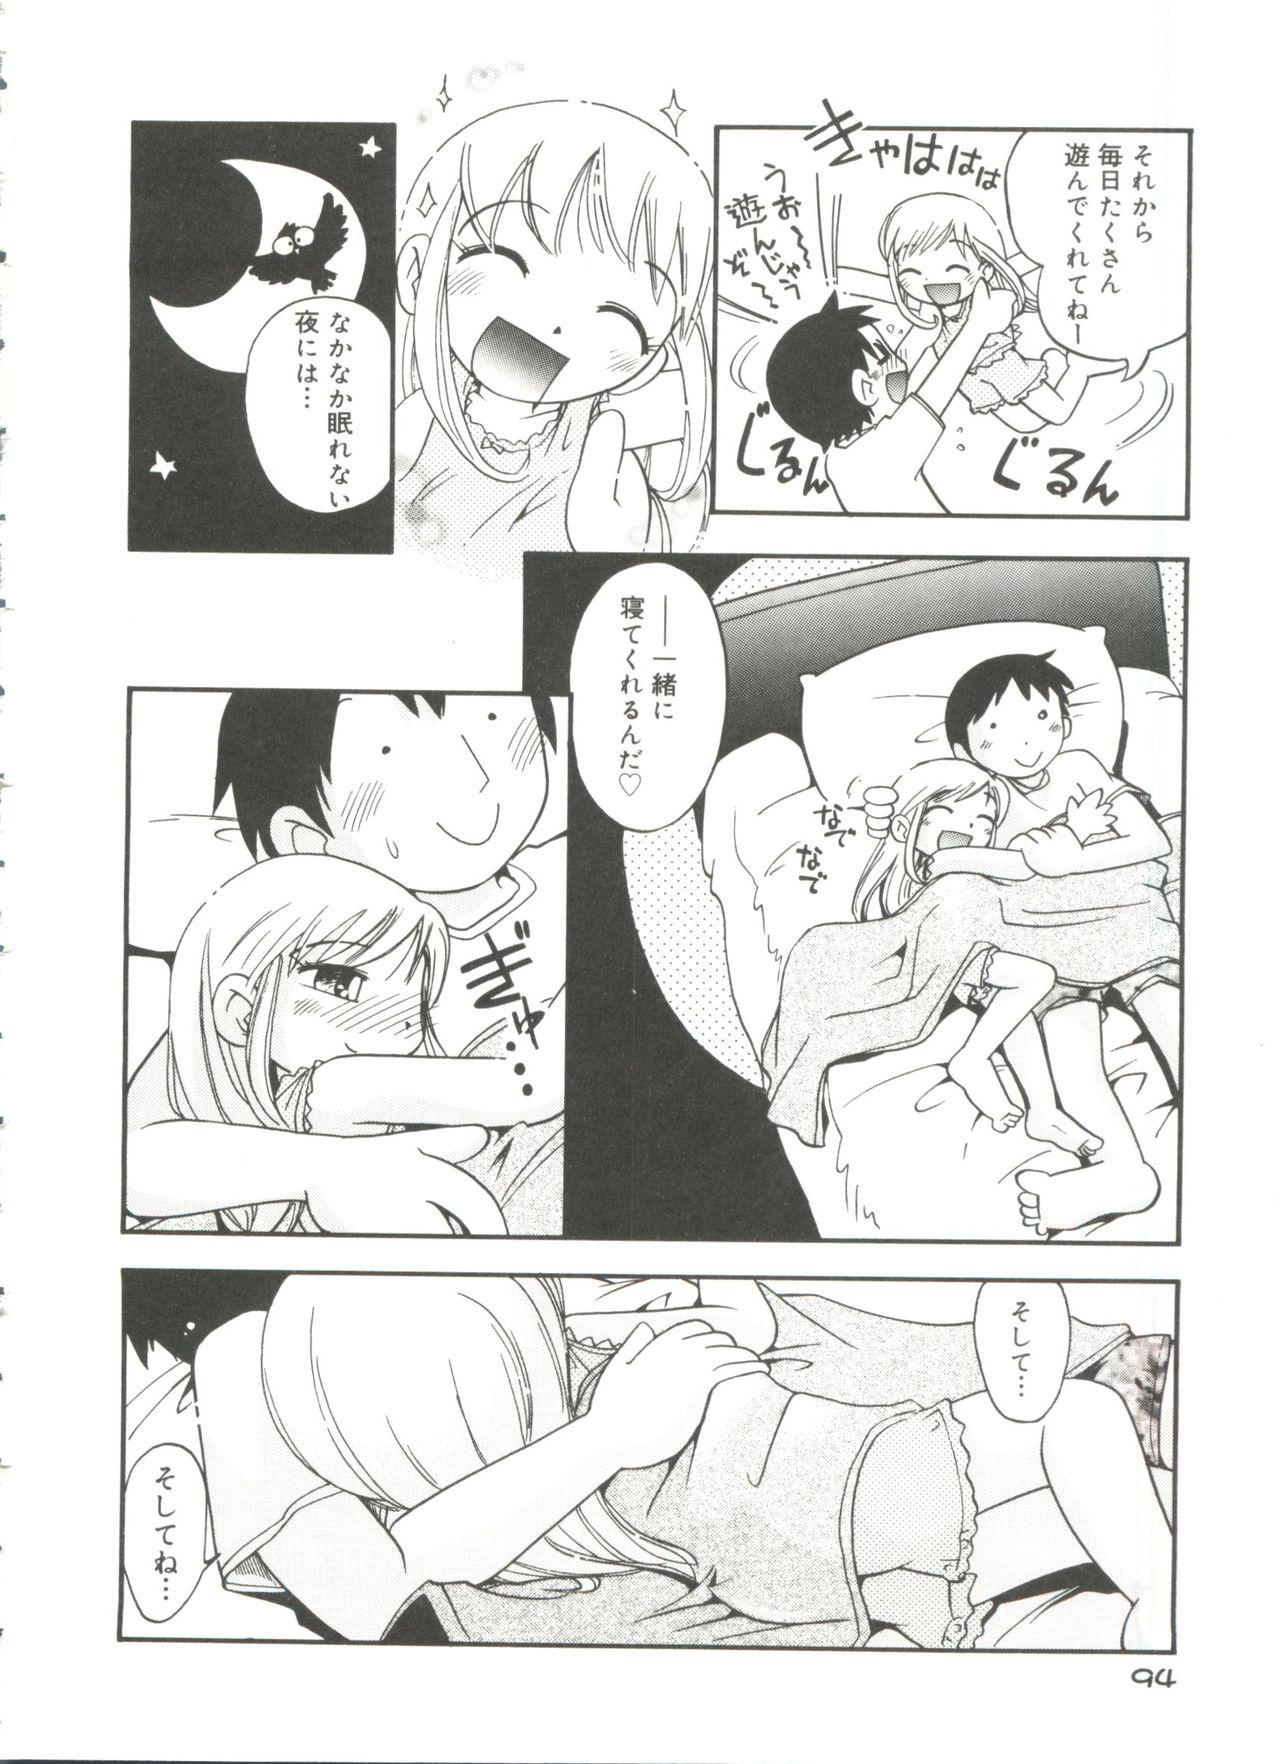 Nakayoshi-chan 95